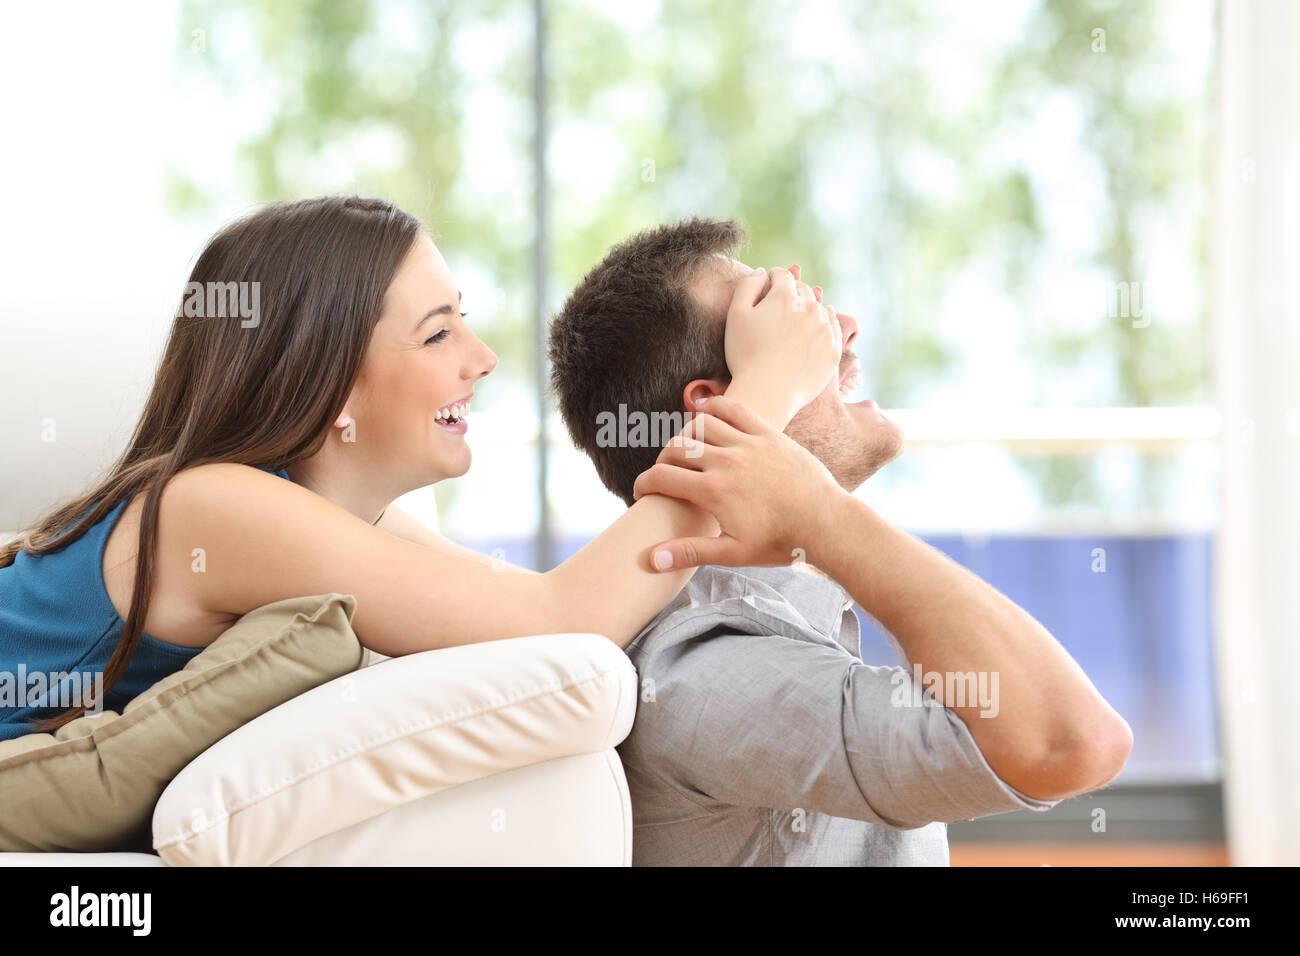 Giocoso giovane che copre gli occhi a casa con una finestra in background Immagini Stock